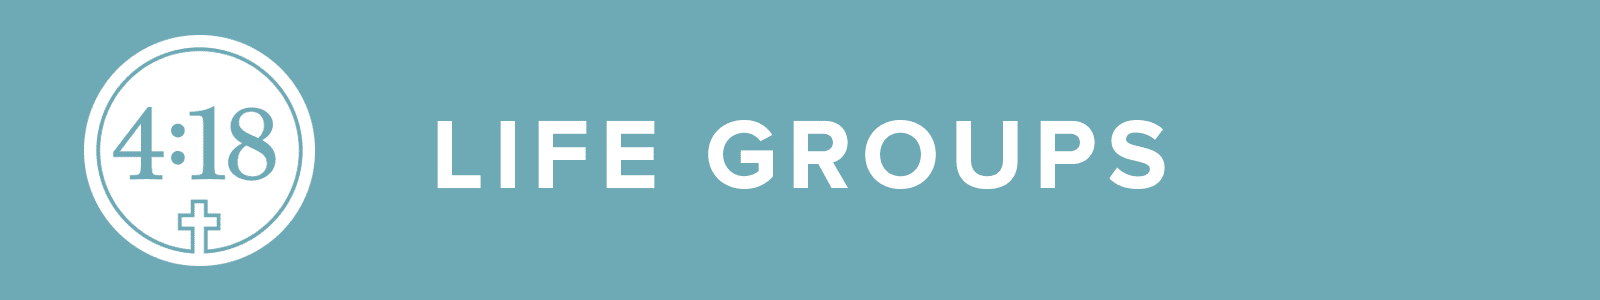 lifegroups